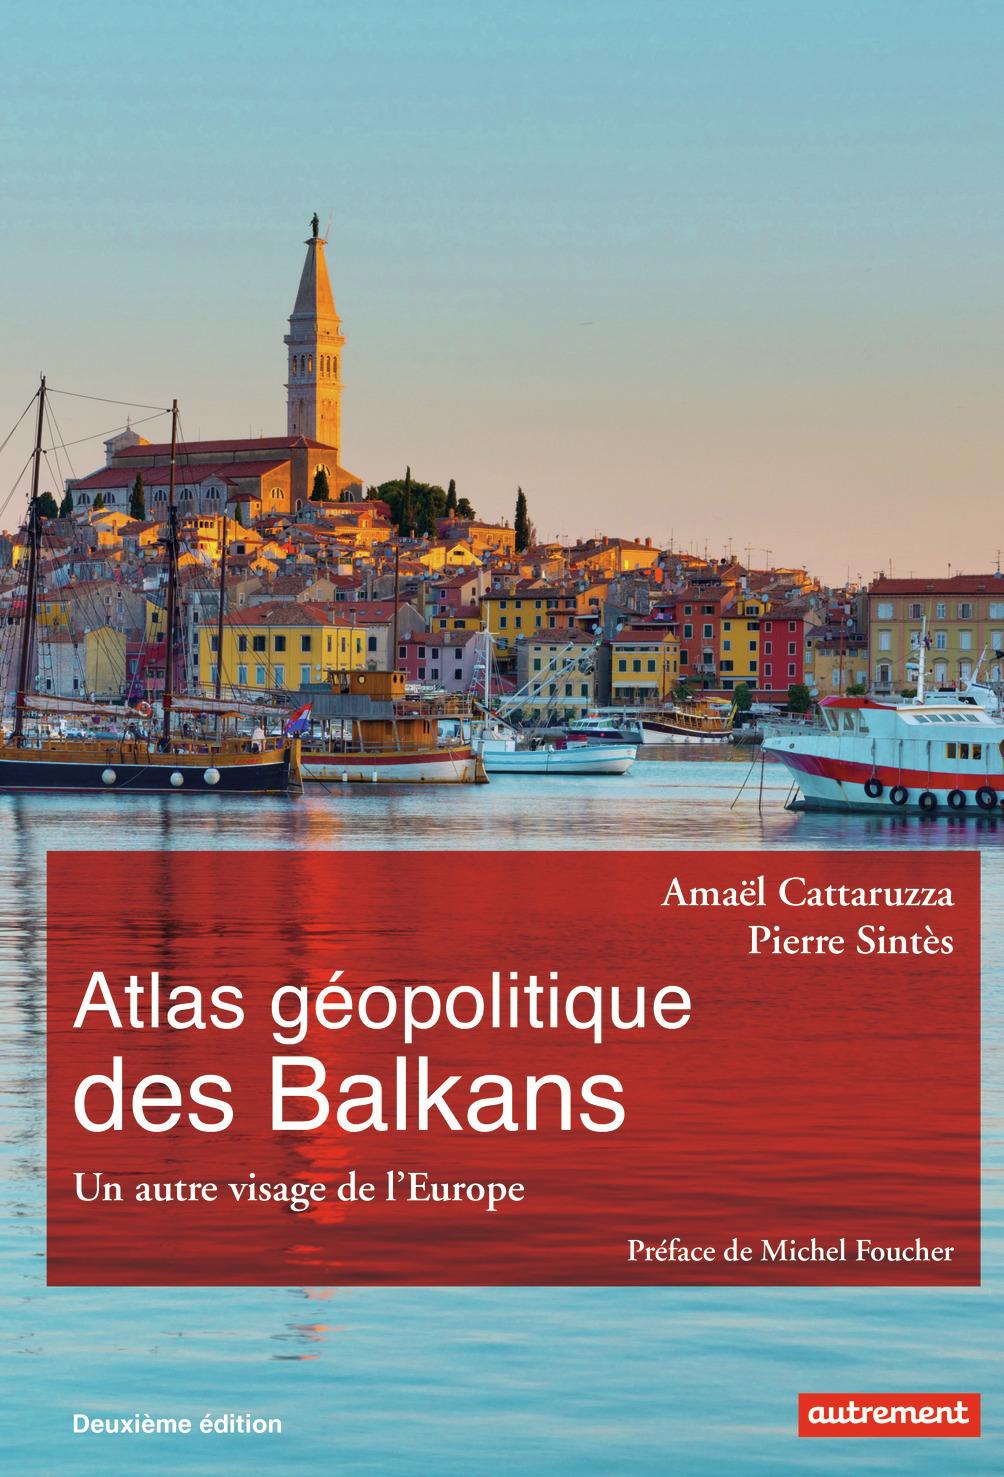 ATLAS GEOPOLITIQUE DES BALKANS - UN AUTRE VISAGE DE L'EUROPE